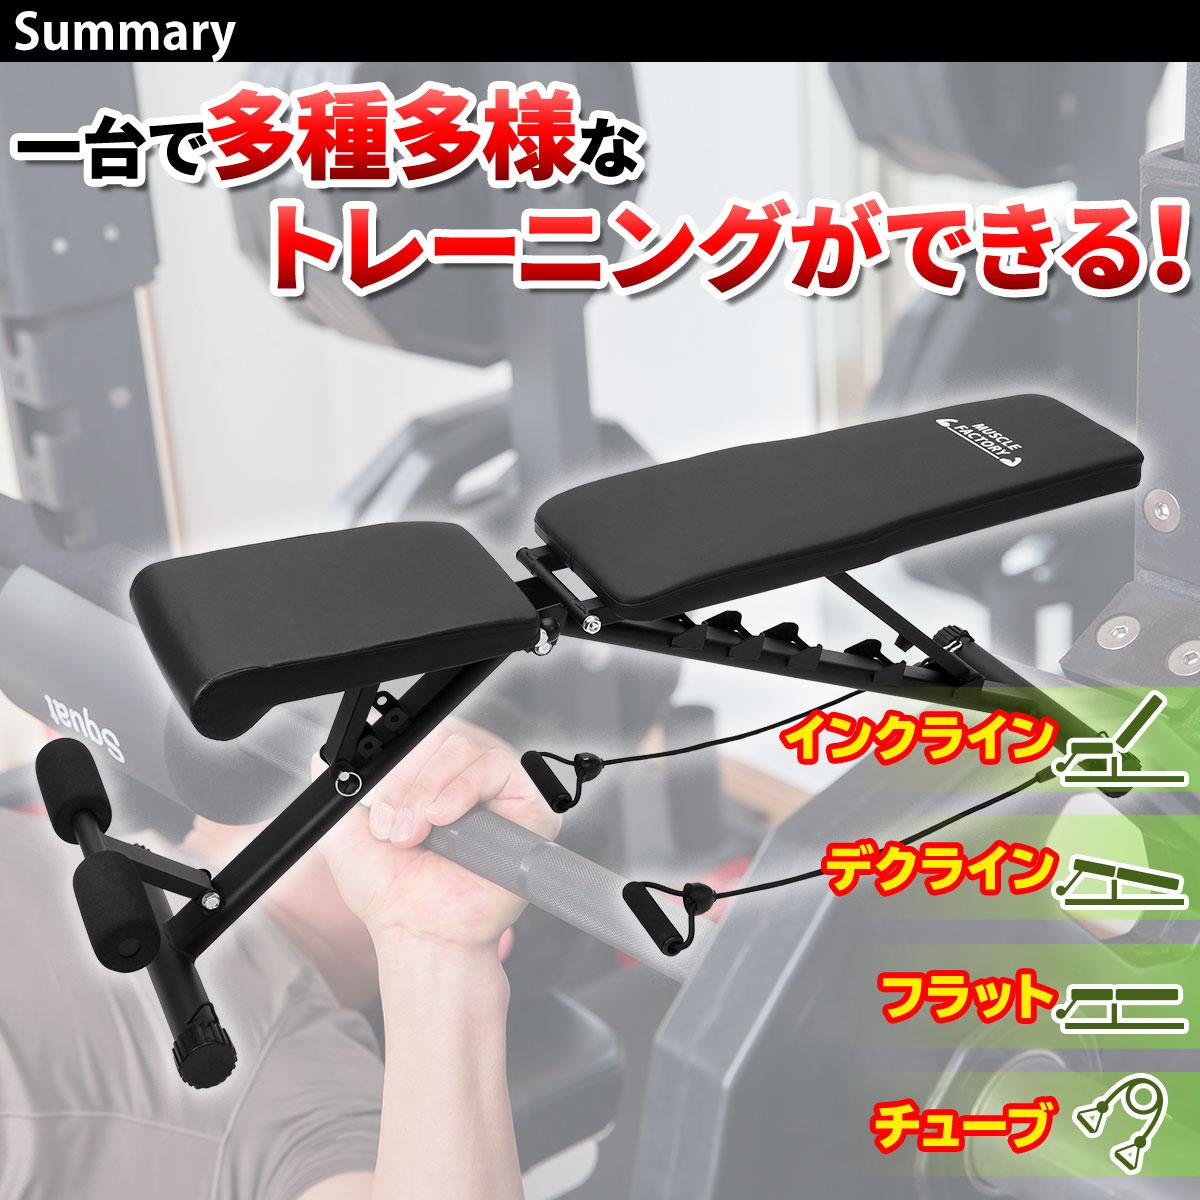 トレーニングベンチ フラットベンチ ダンベル バーベル 筋トレ 器具 MK-B20